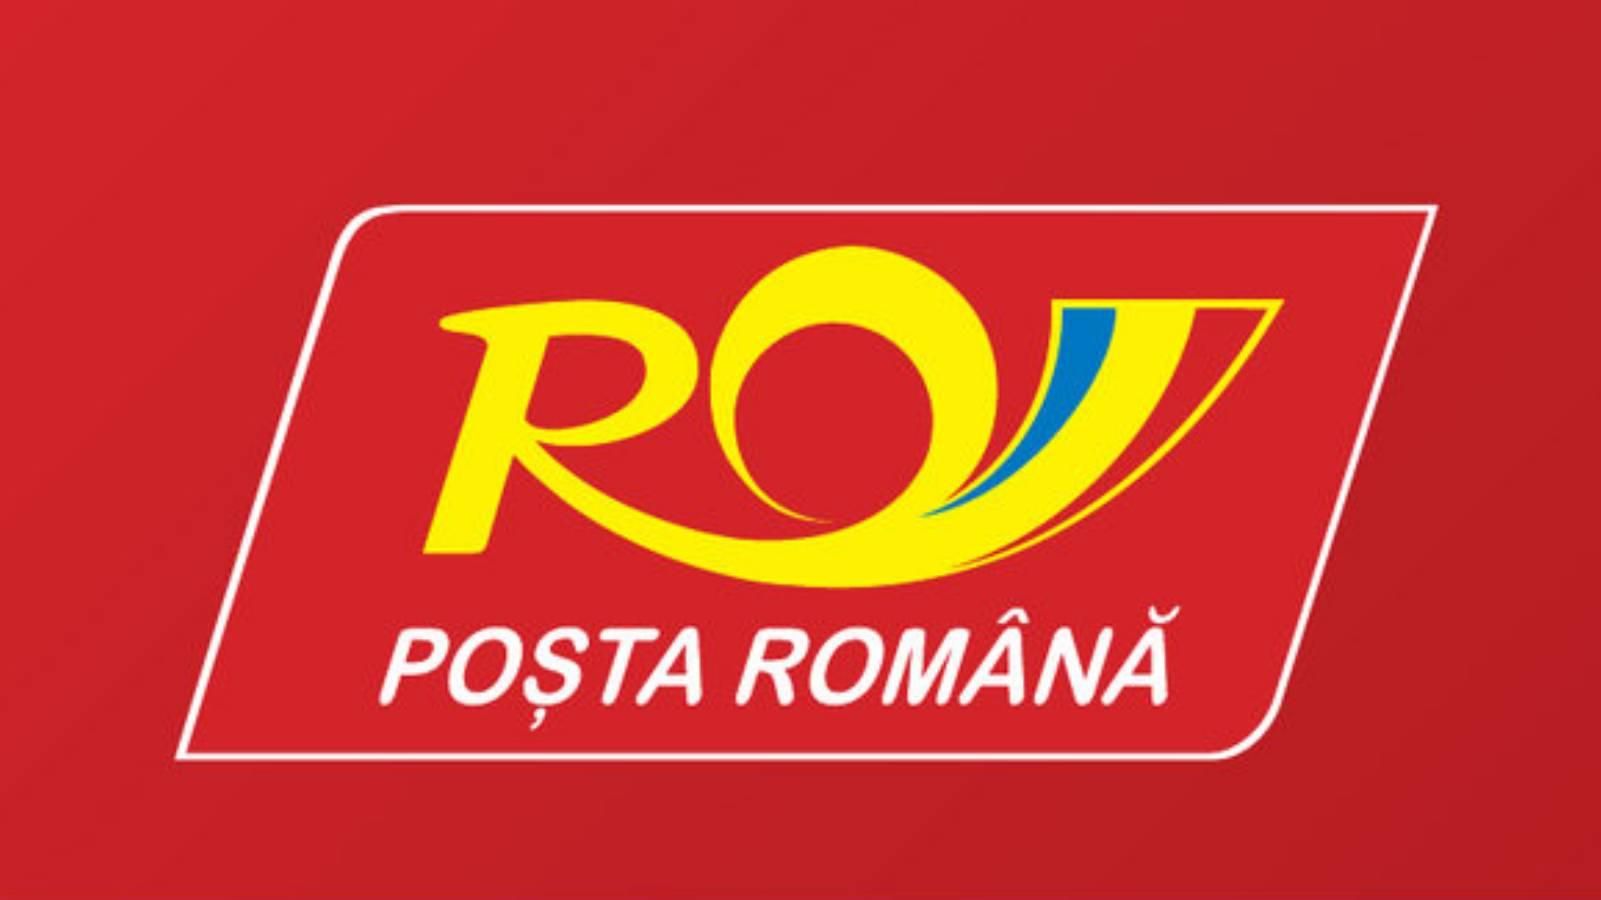 Mesajul Posta Romana facturi